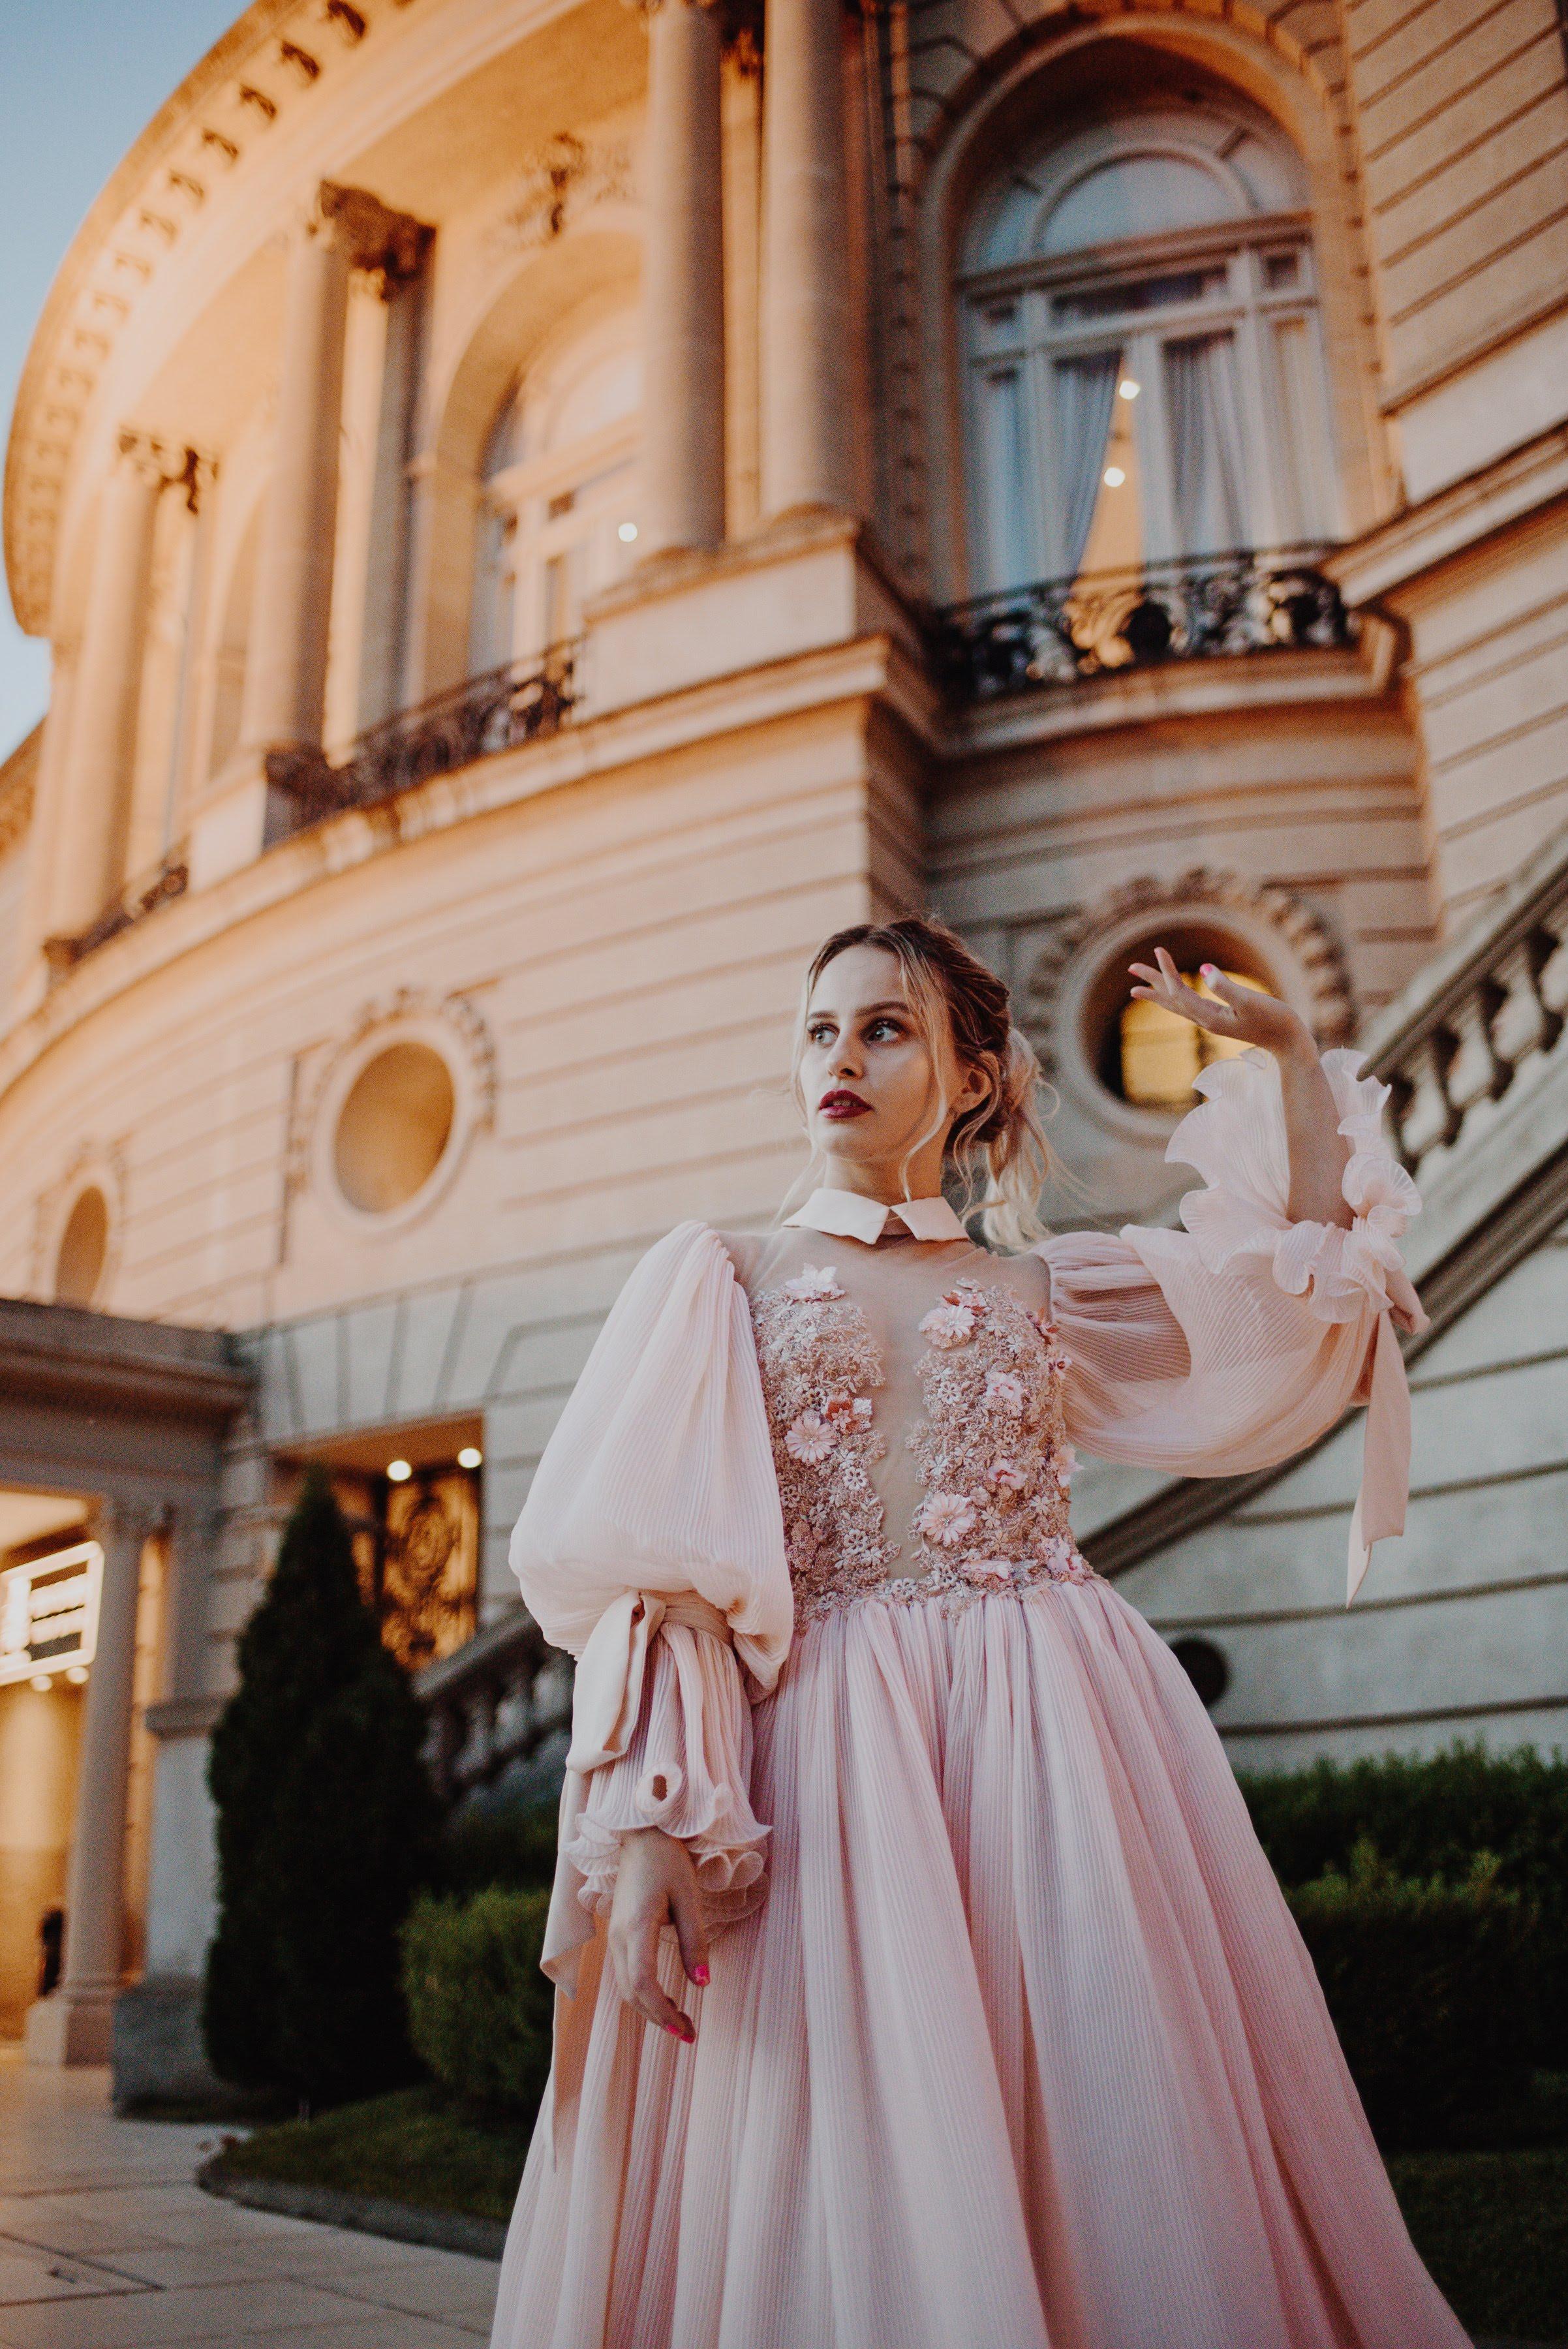 Sereinnecpor Malvina Battiston 2019-83.jpg